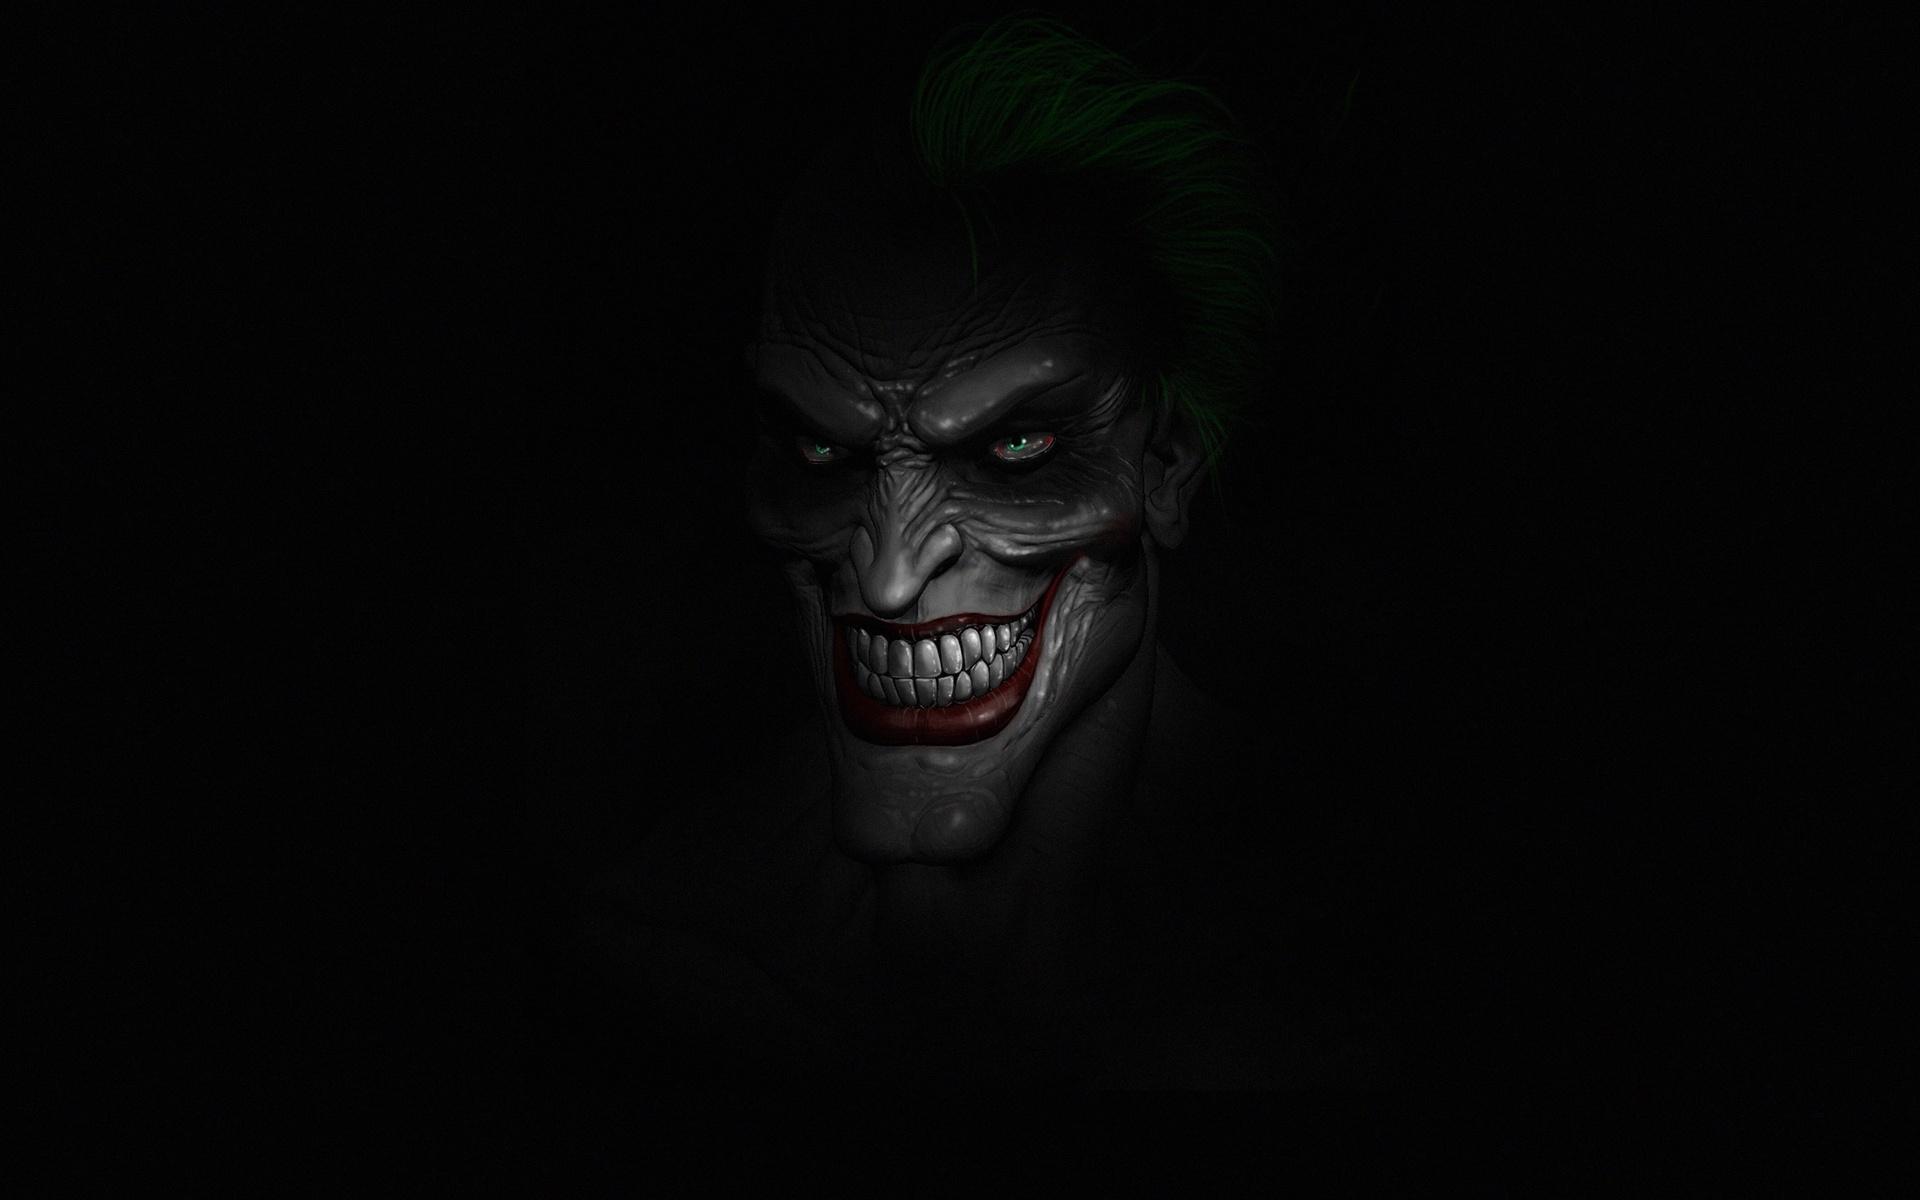 1920x1200 Joker Dark Minimalist 1080p Resolution Hd 4k Wallpapers